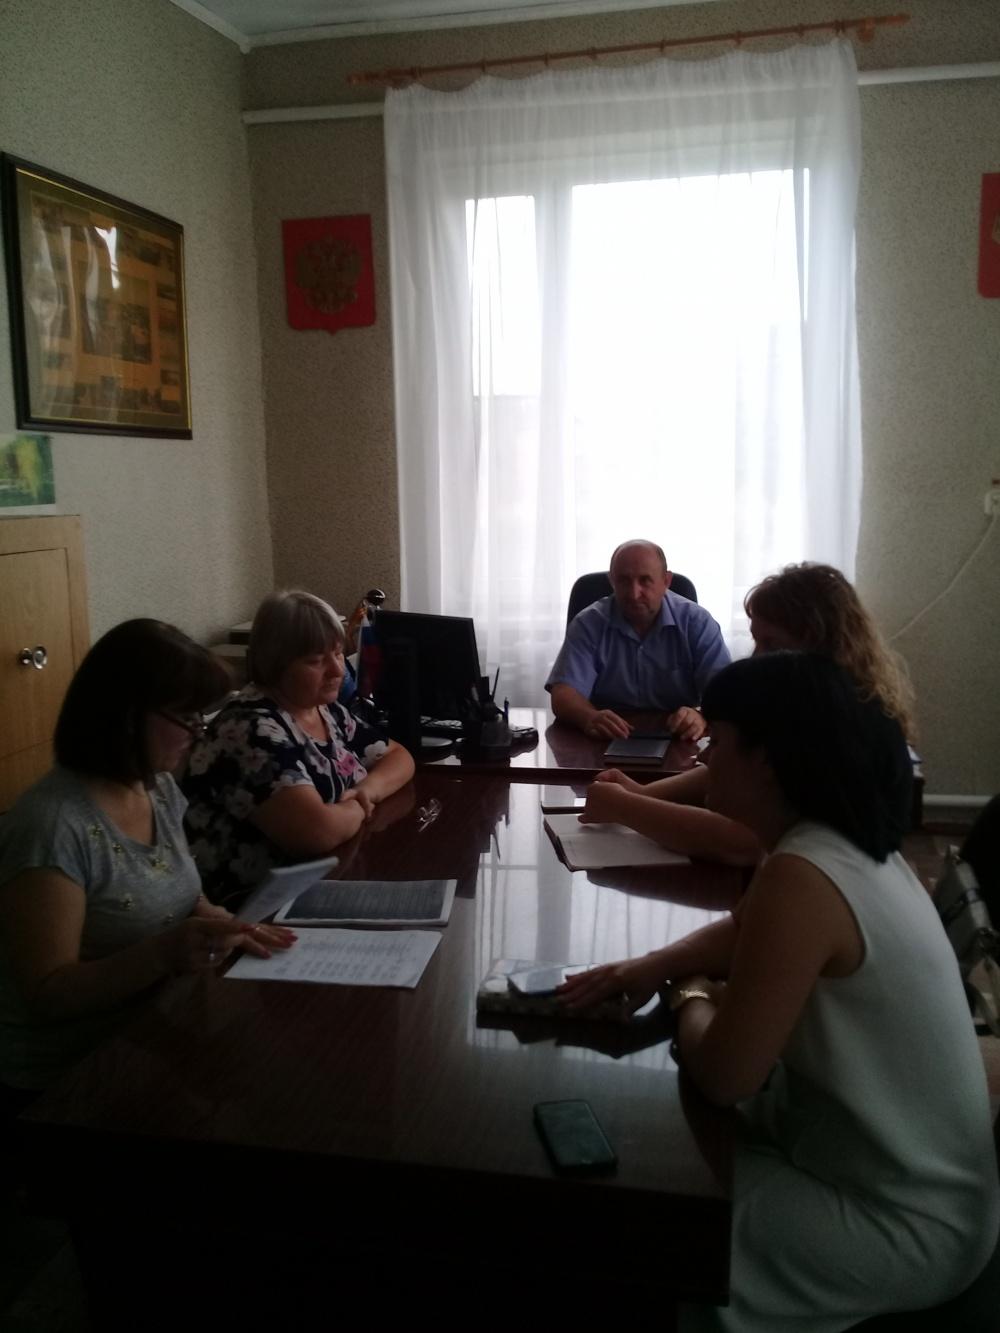 16 июля 2019 года проведено заседание предвыборного штаба по подготовке проведения выборов 8 сентября 2019 года